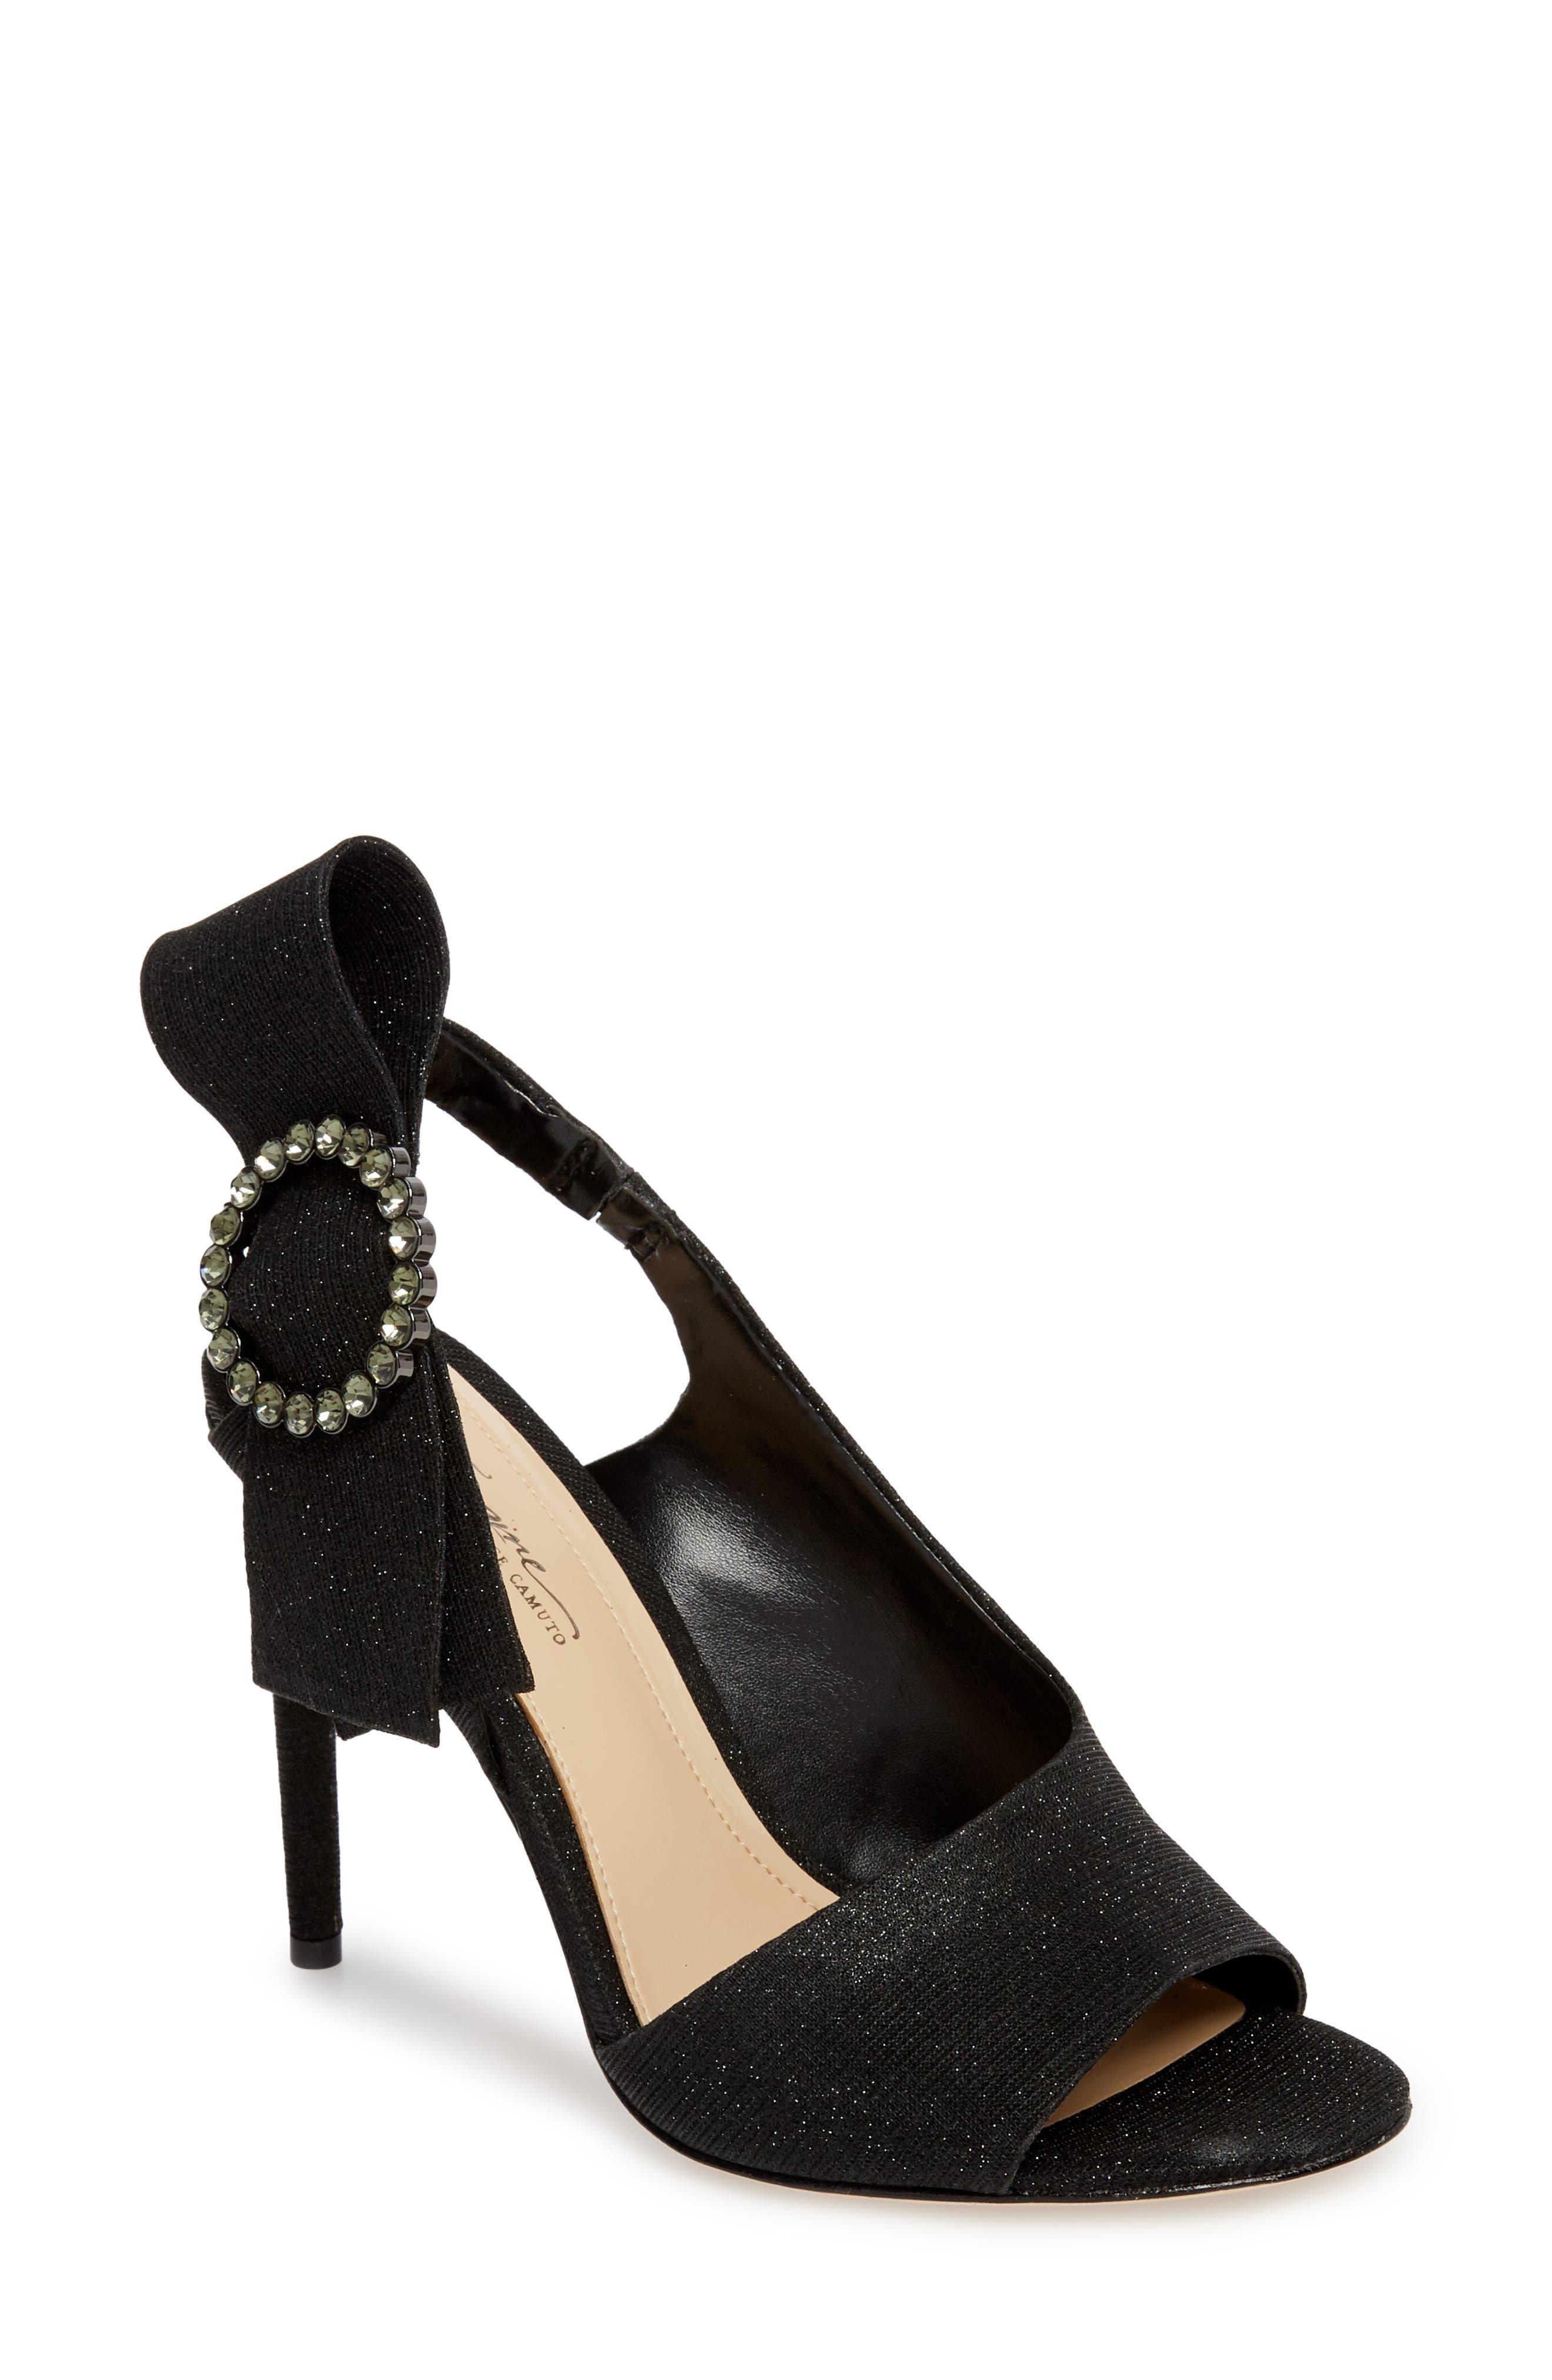 Regin Sandal,                         Main,                         color, BLACK FABRIC